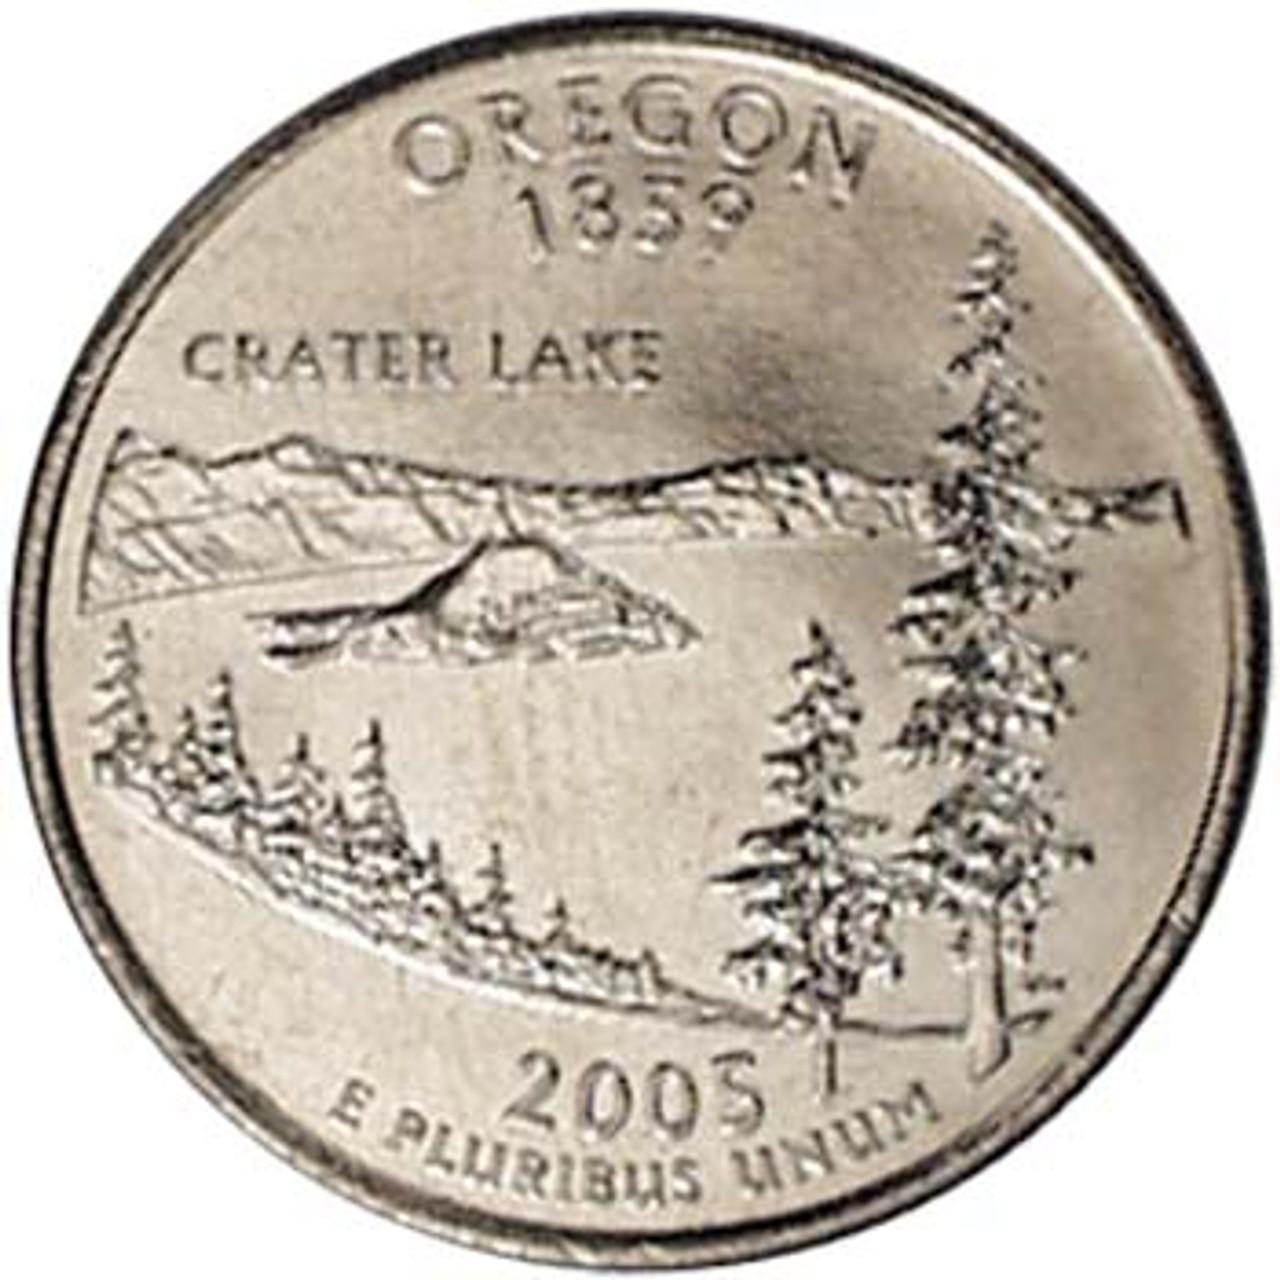 2005-D Oregon Quarter Brilliant Uncirculated Image 1